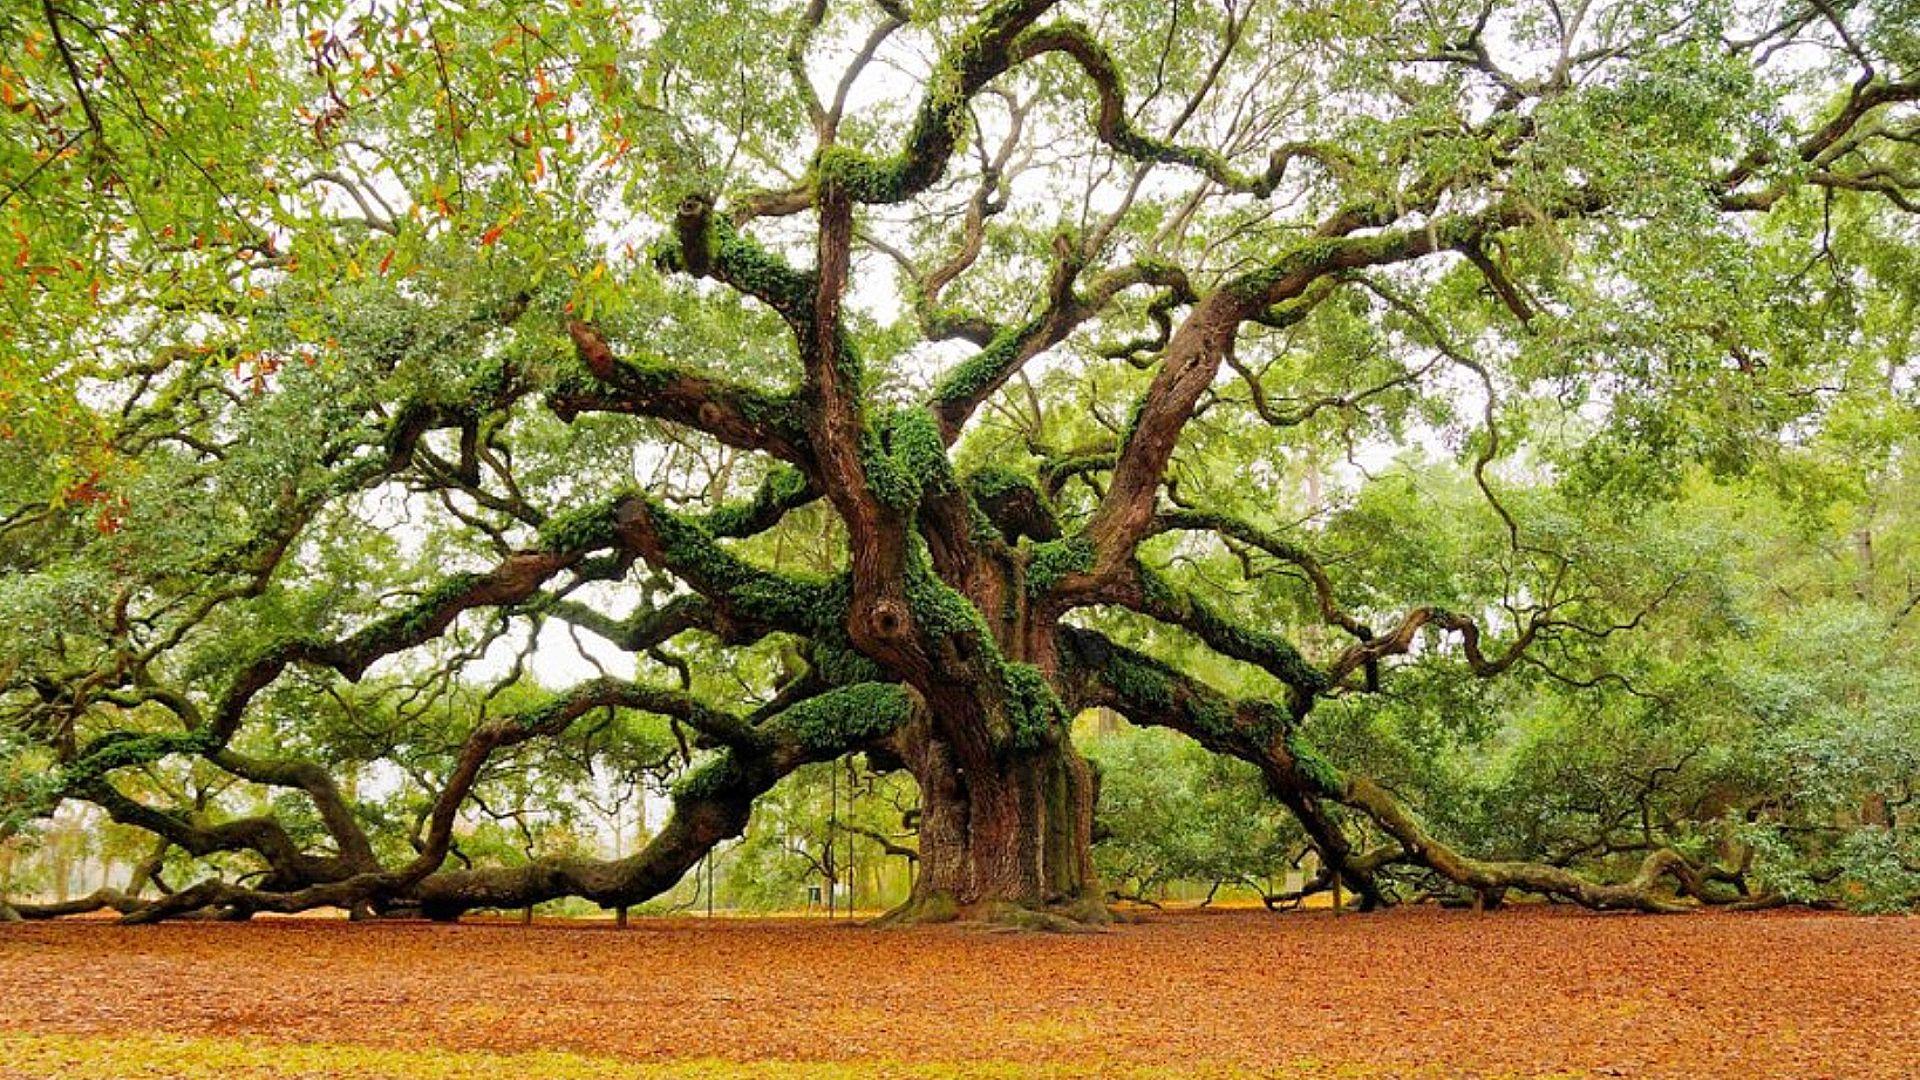 Nature Angel Oak desktop wallpaper nr 59554 by getsumtreacle 1920x1080